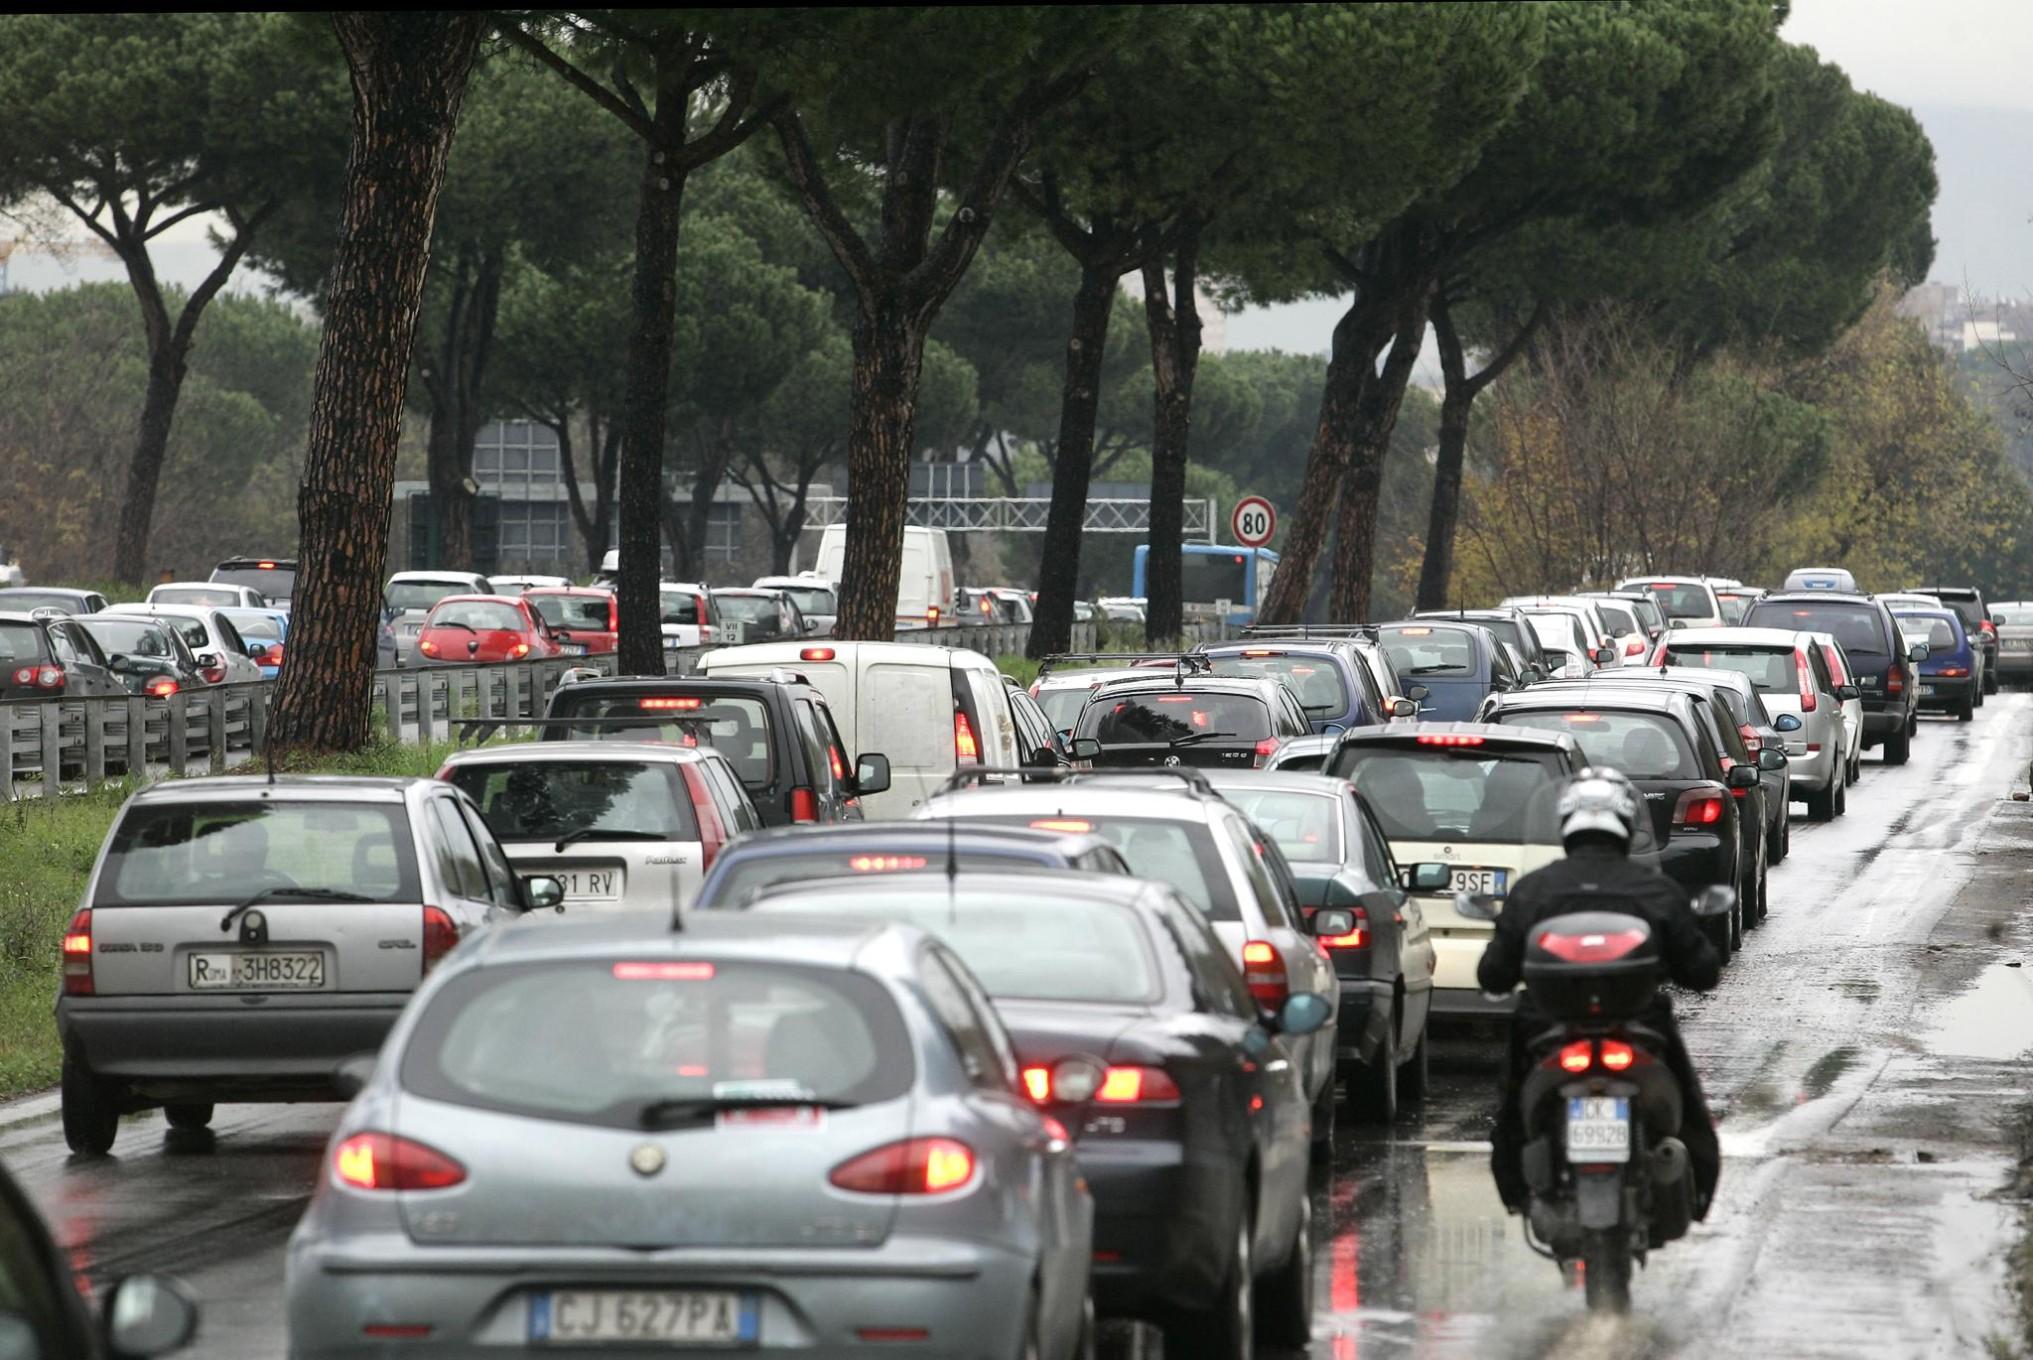 Automobile mobilita' e trasporti studio delle nostre abitudini automobilistiche